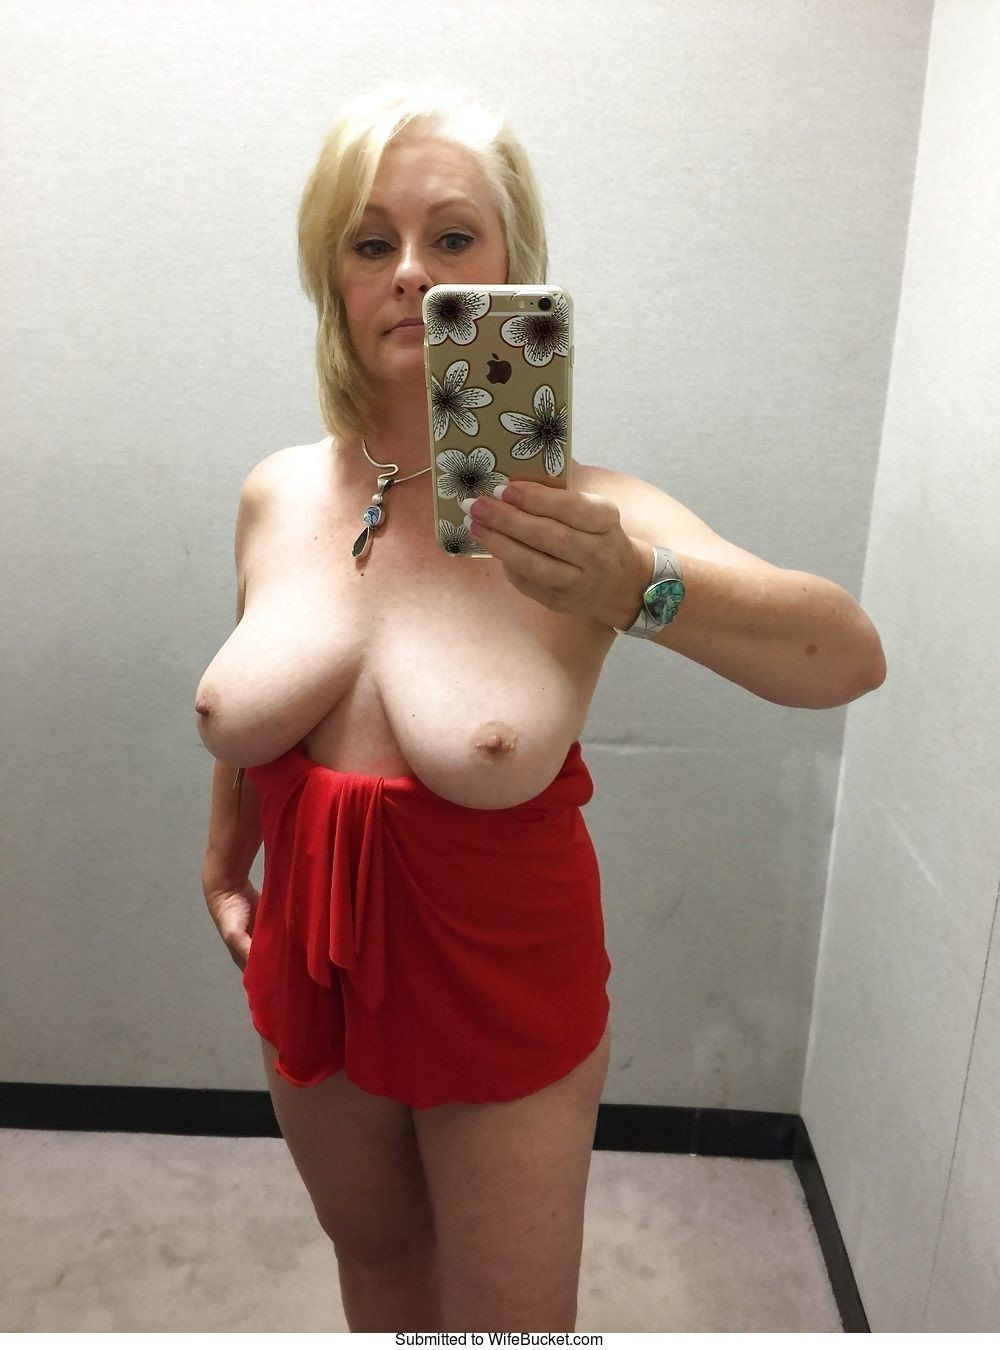 Women nude older Nude women